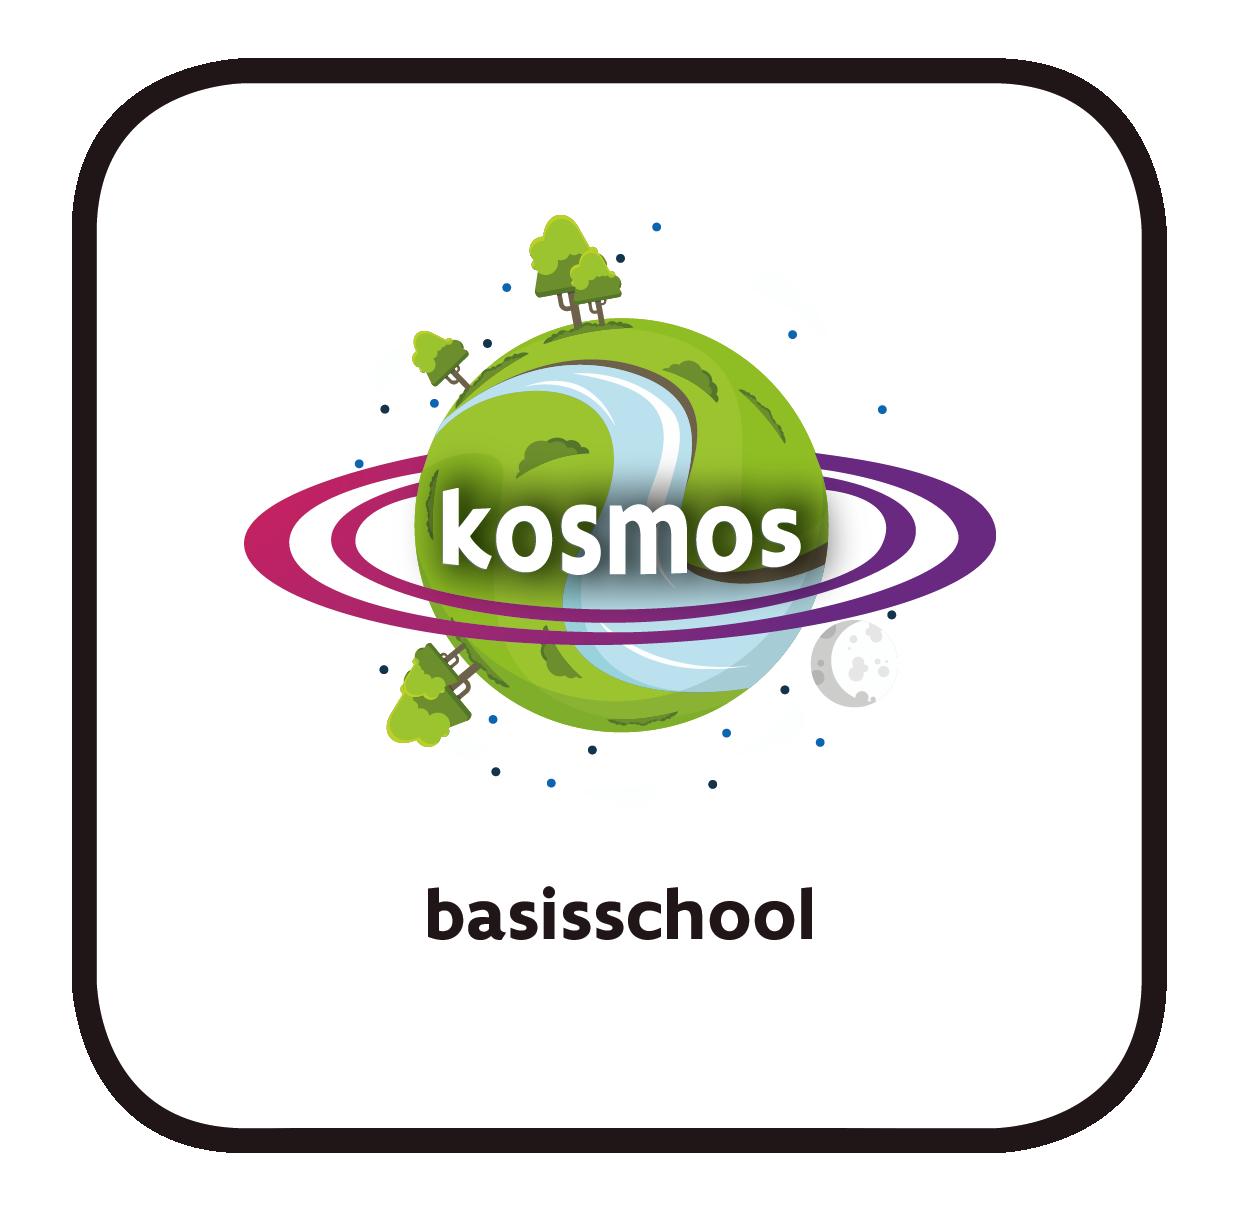 Basisschool_Kosmos_rechthoek